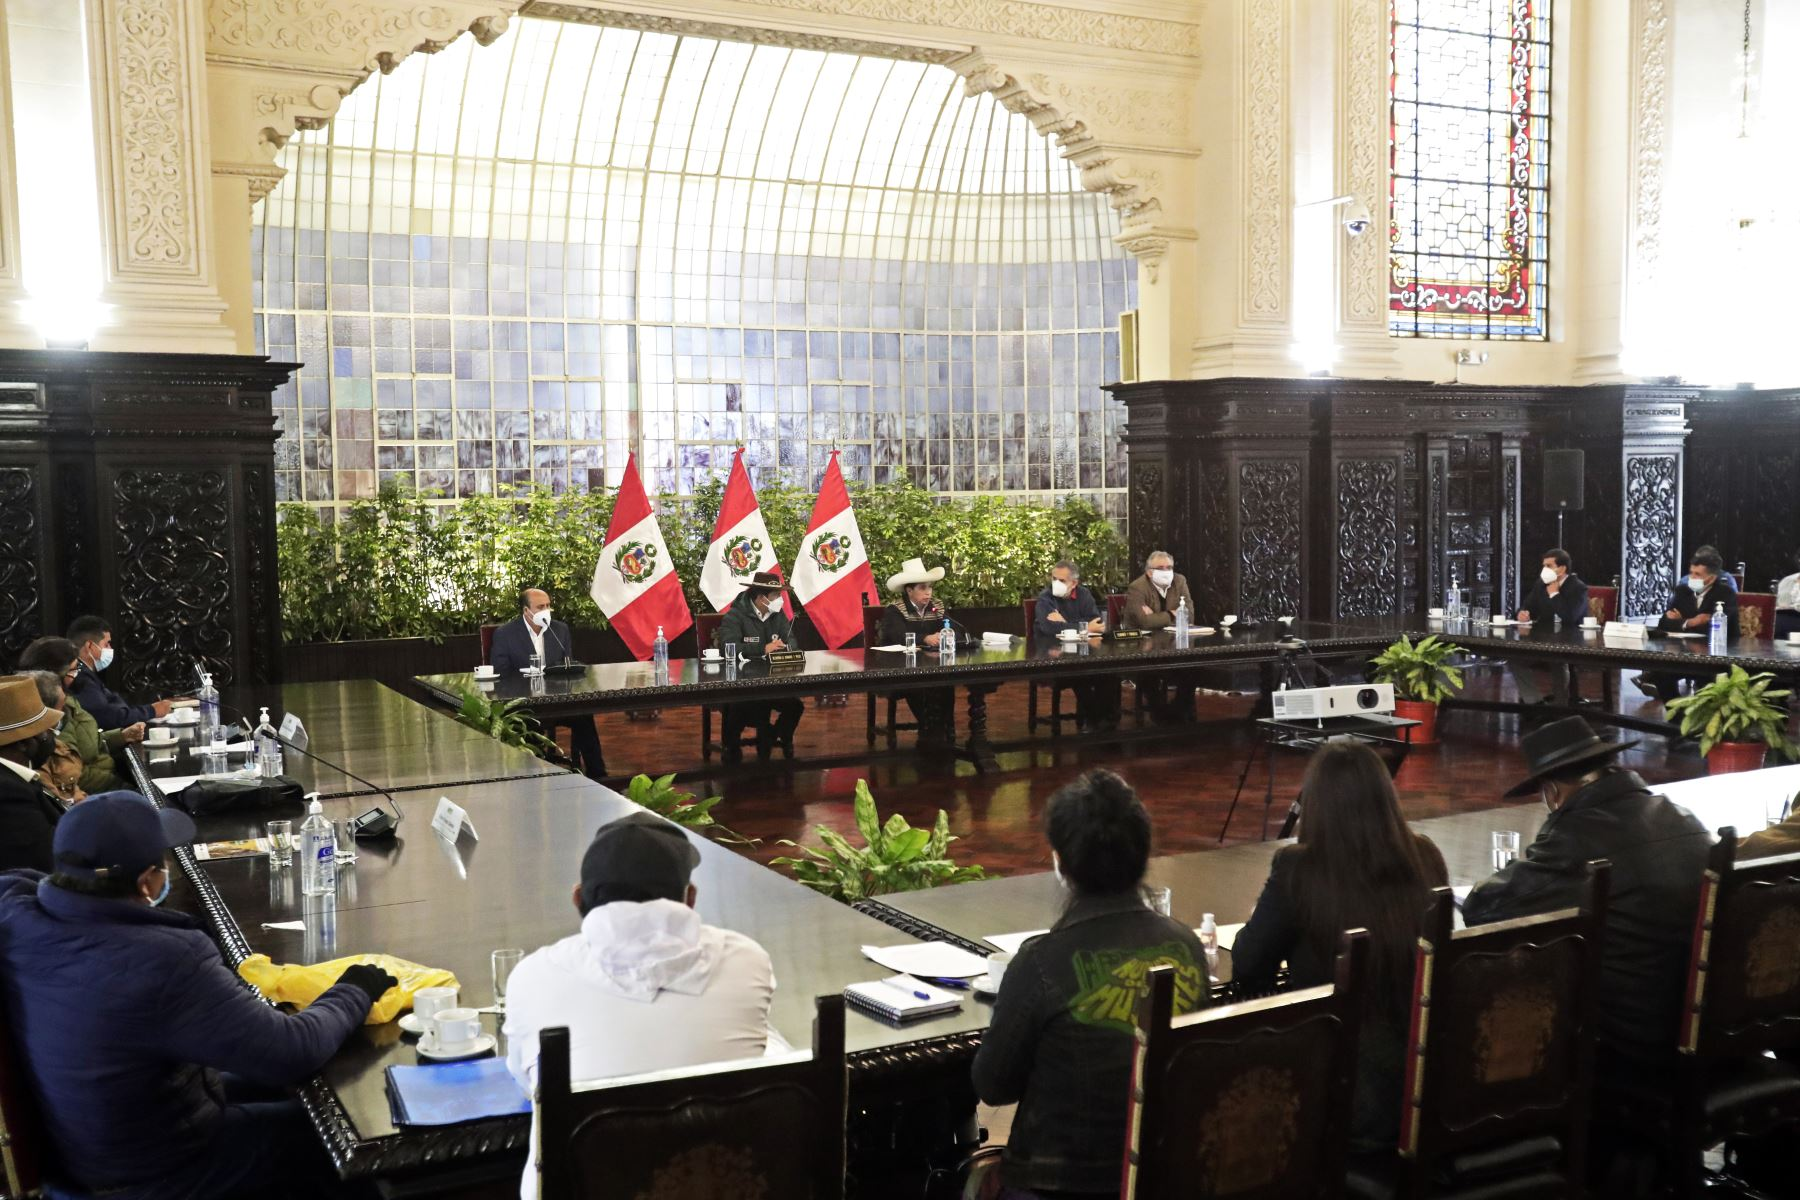 El presidente de la República, Pedro Castillo, junto al ministro de Desarrollo Agrario y Riego, Víctor Maita, sostuvo reunión con delegaciones del sector agrario. Foto: ANDINA/Prensa Presidencia